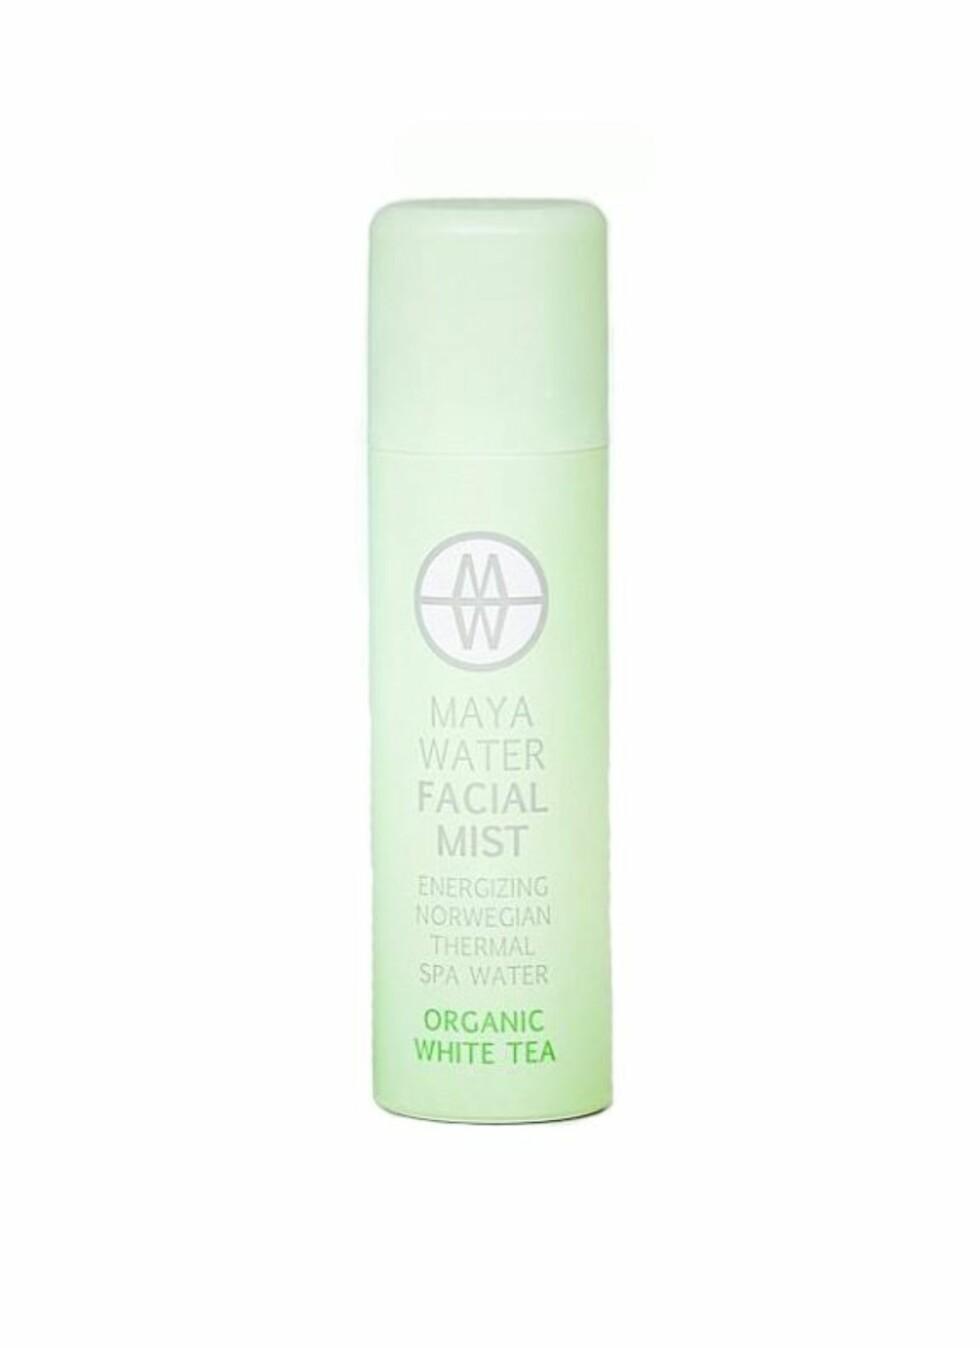 TESTVINNER Facial Mist Organic White Tea fra Maya Water (finnes også i Pure), 150 ml kr 198. Denne norskproduserte sprayen skal revitalisere og rense tørr og forurenset hud, tilføre fuktighet, friske opp sminken i løpet av dagen og gjøre rynker og linjer mindre tydelige. Dette er en veldig lett og fin spray som føles fuktgivende og veldig naturlig. Lukten er behagelig og diskré, og jeg liker å bruke den ofte i løpet av dagen. Huden føles litt fuktig umiddelbart etter påføring, men vannet trekker raskt inn og gir en hydrert og frisk følelse som varer en drøy halvtime. Jeg ser ingen merkbar effekt på sminken eller rynkene, men kommer til å bruke denne mye i sommer. Terningkast: 6  Innhold: Kildevann og økologisk hvit te.